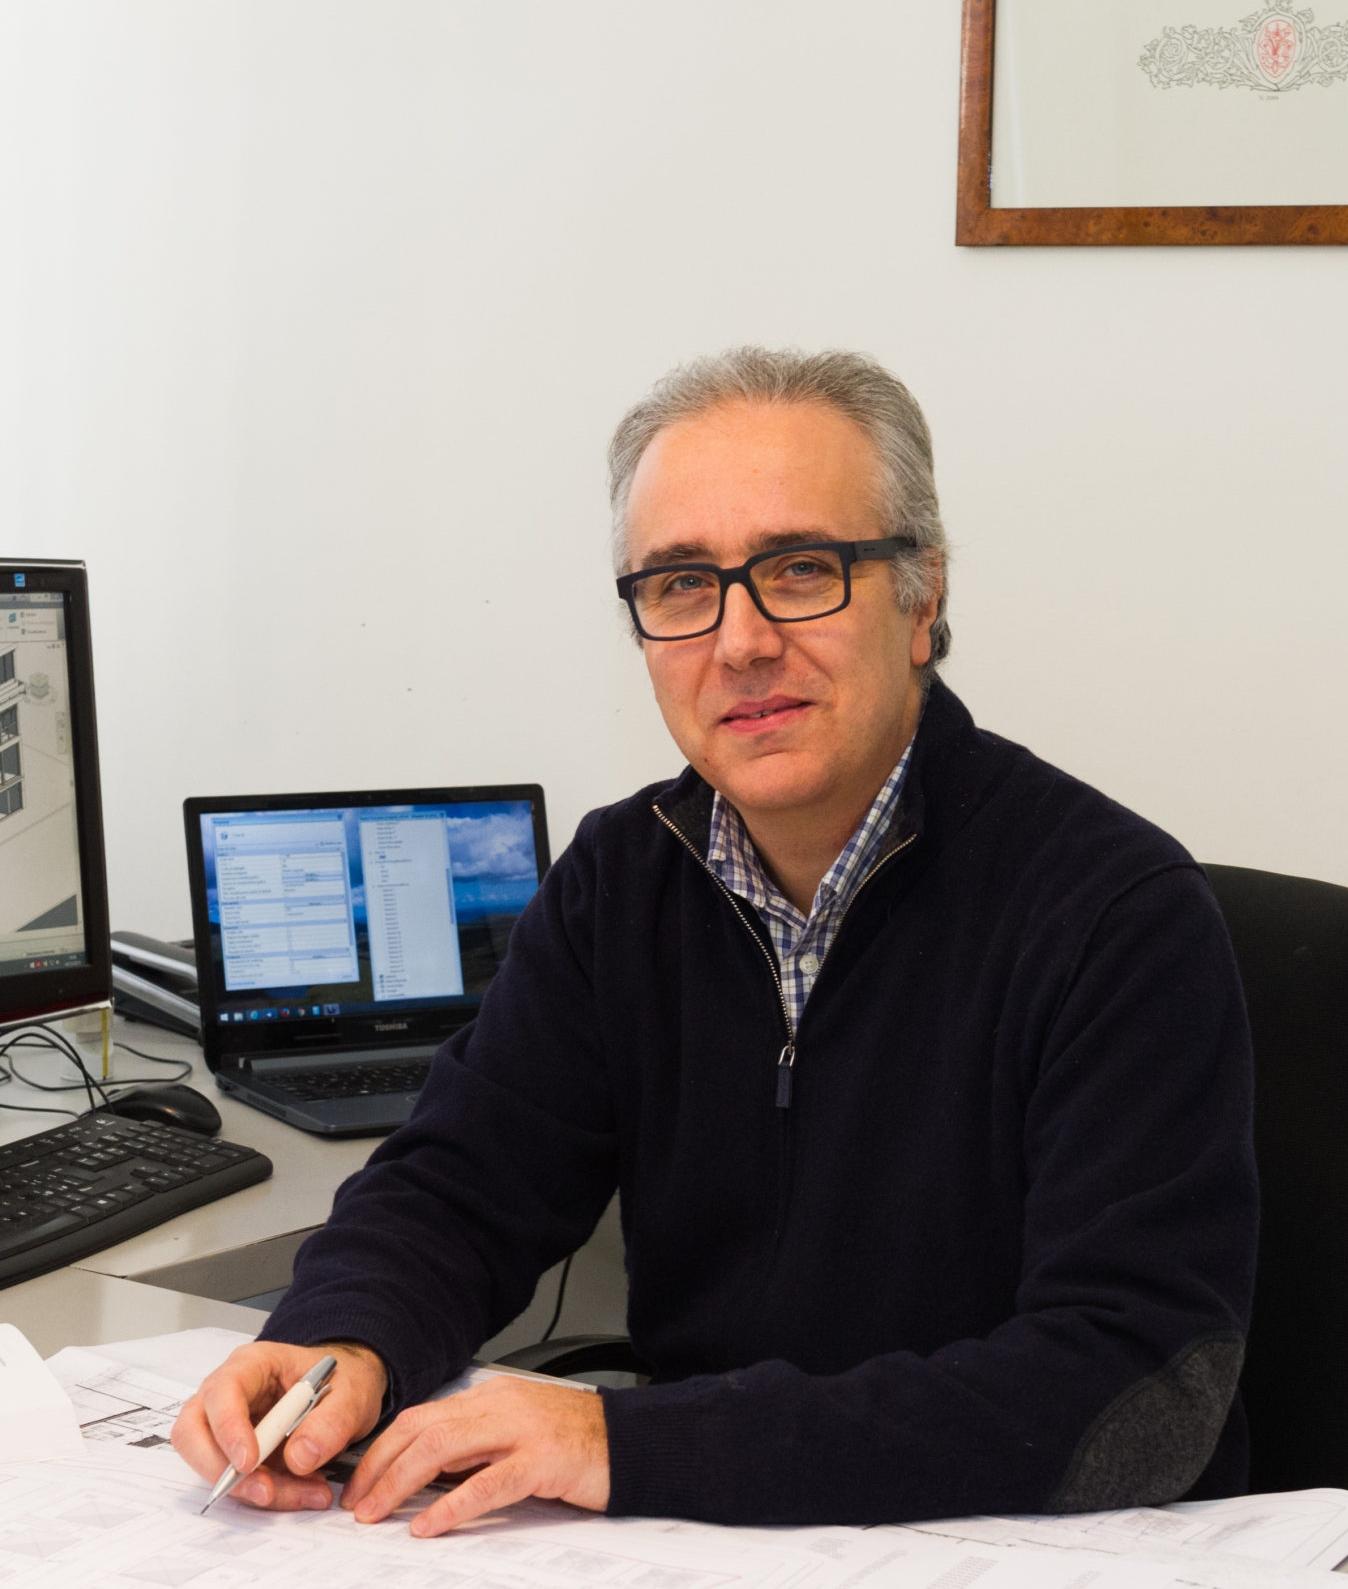 Carlo Biagini